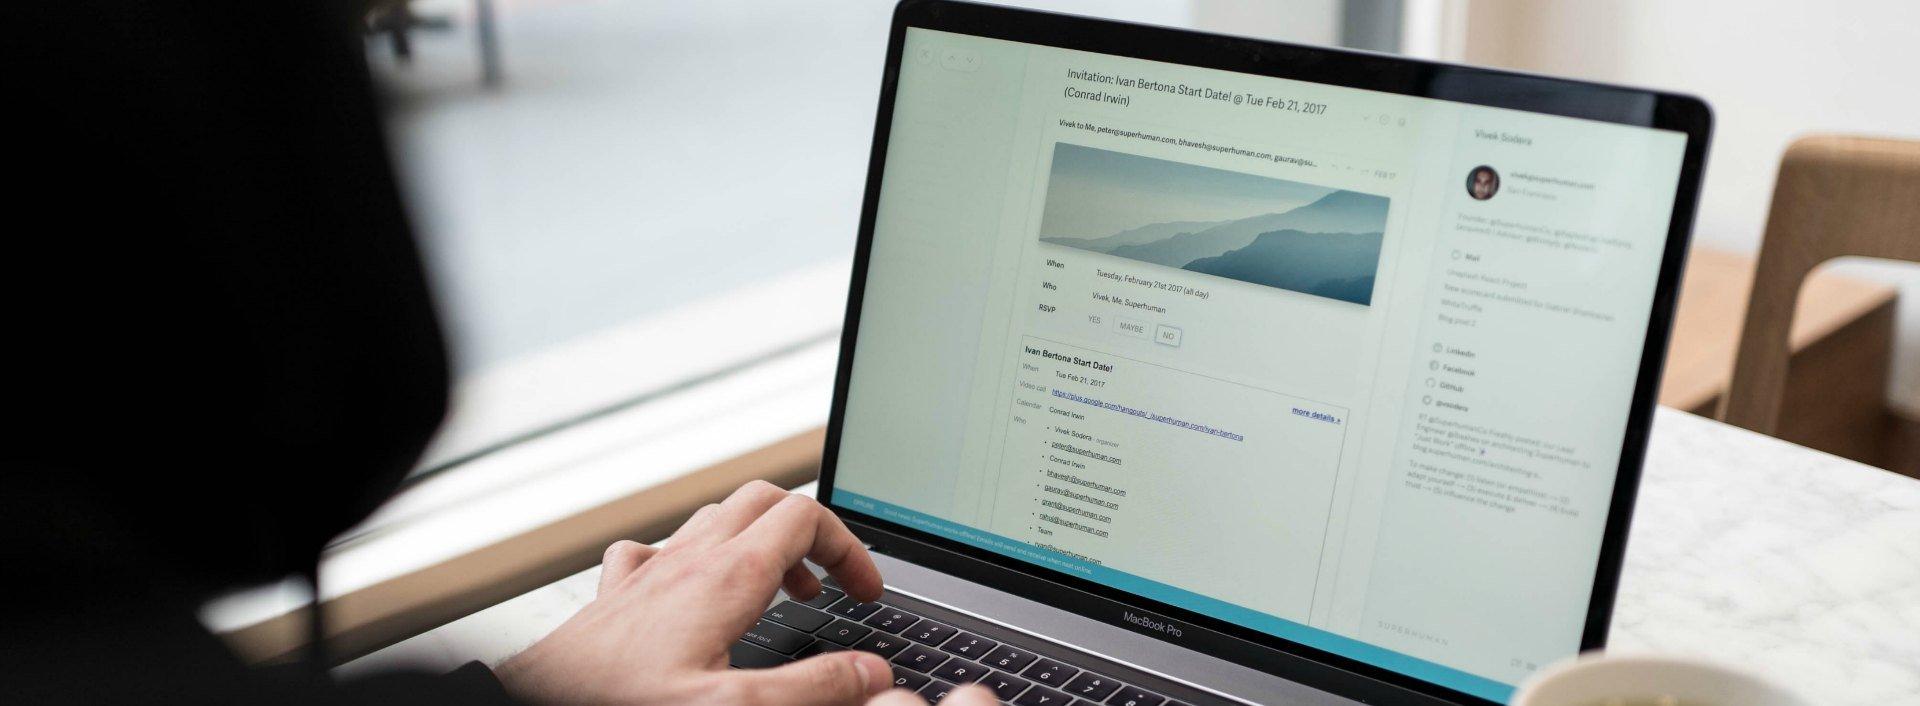 Ein Laptop, dessen Bildschirm eine geschäftliche E-Mail zeigt.